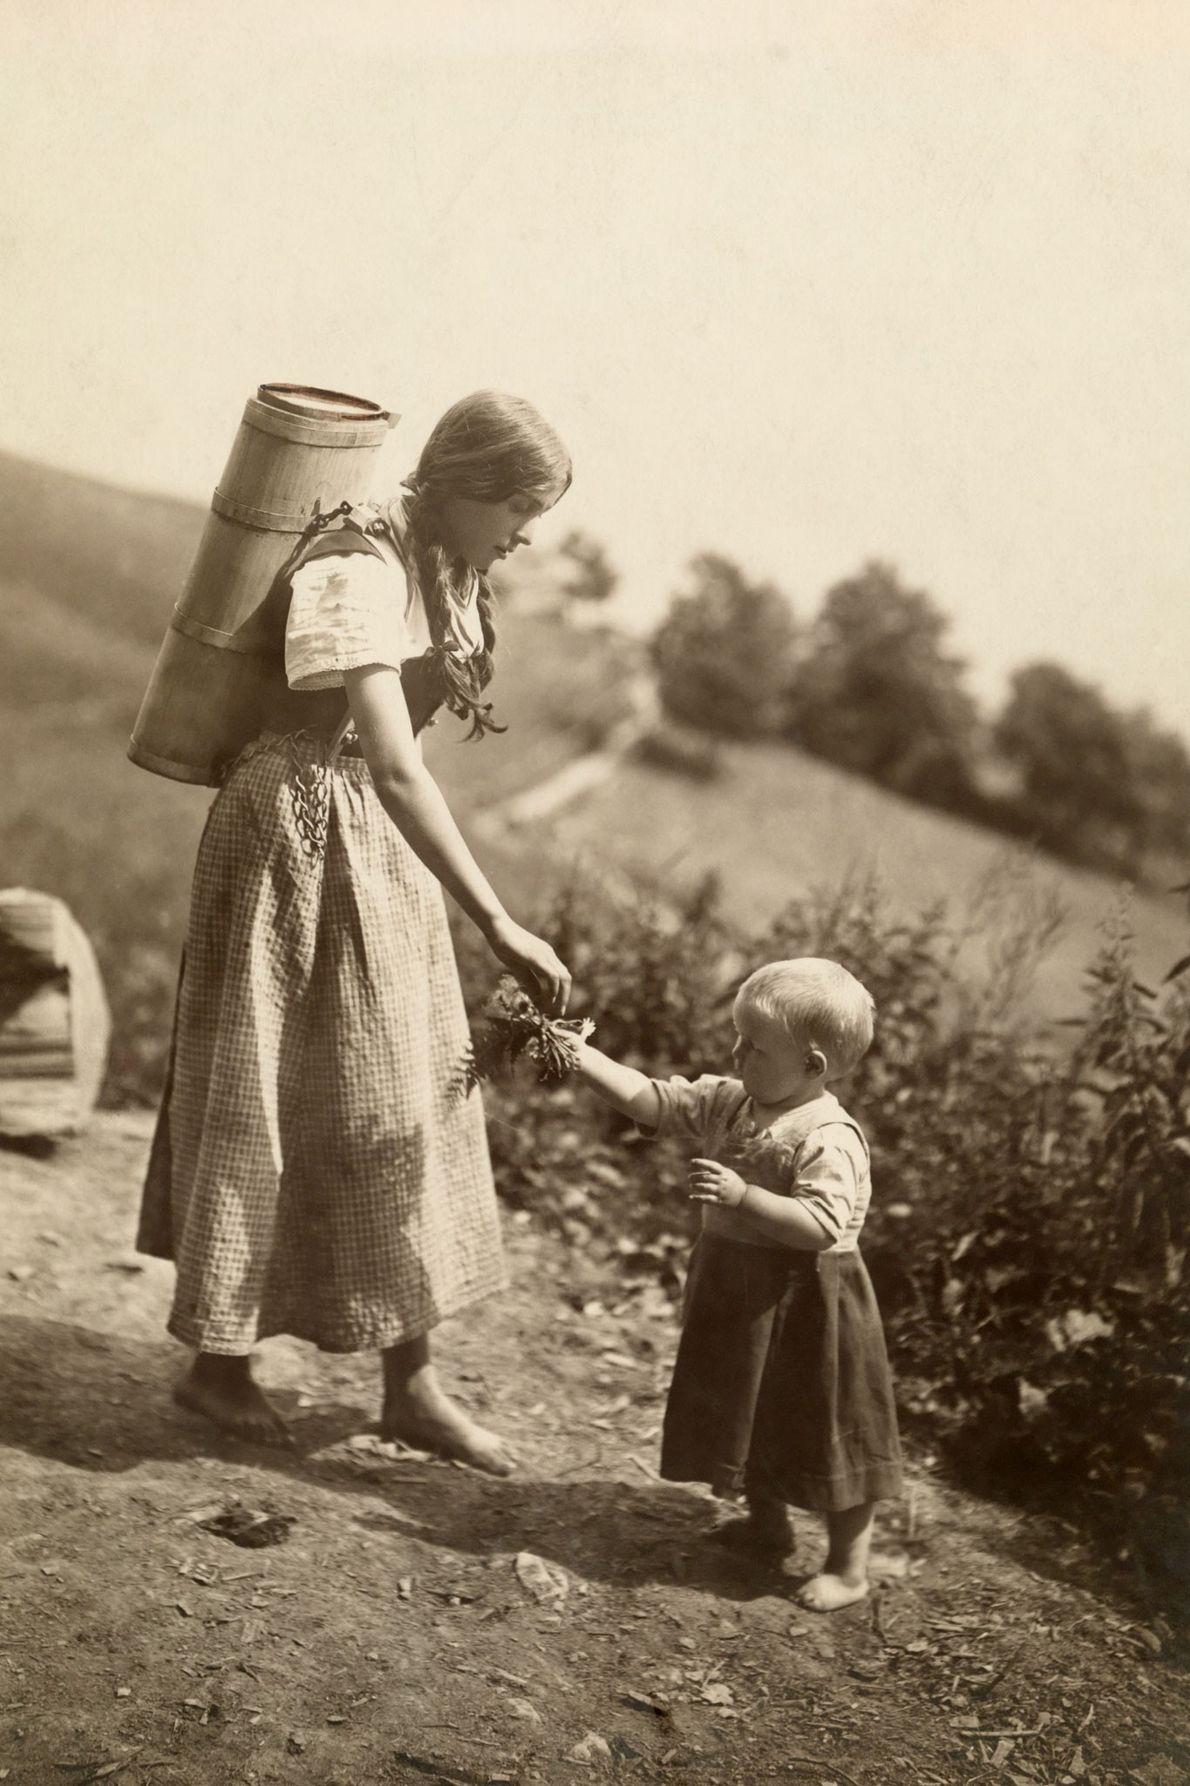 Uma mãe alcança a mão da filha.